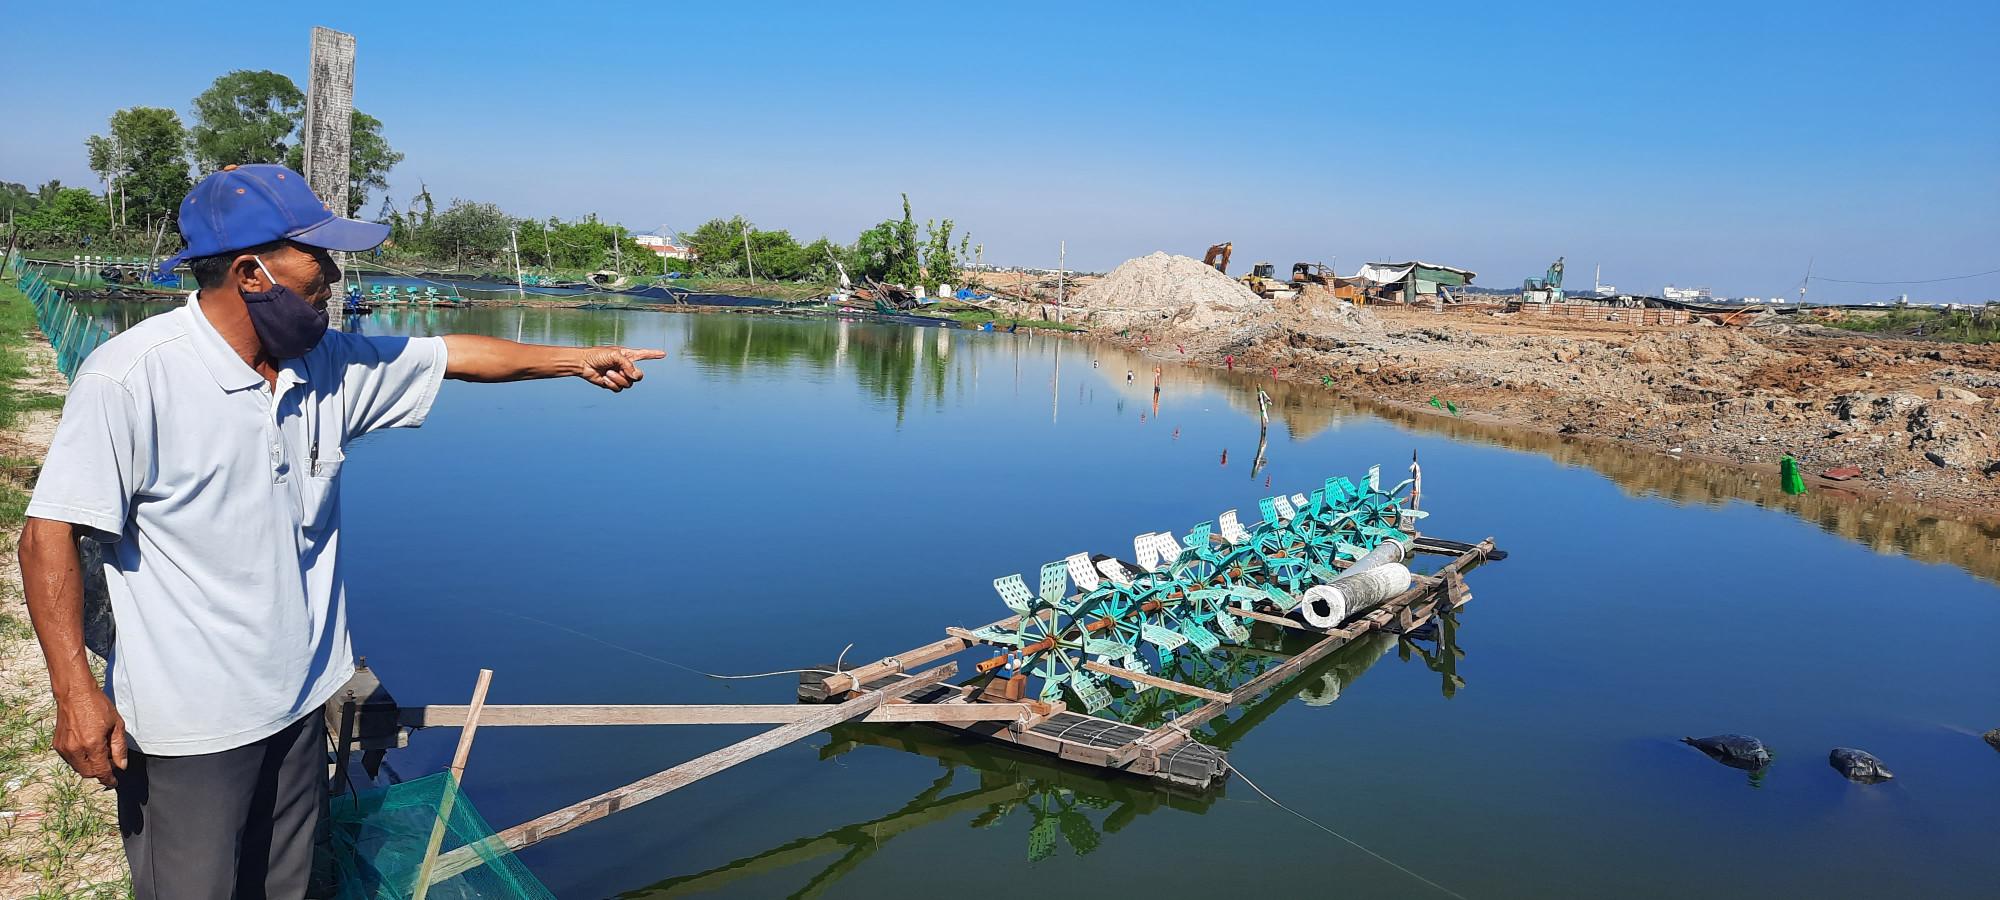 Ông Nguyễn Lữ cho biết, đã 28 năm nay nhưng UBND huyện Núi Thành vẫn chưa cấp sổ đỏ cho diện tích đã bán thông qua hình thức đấu giá cho những hộ dân nơi đây